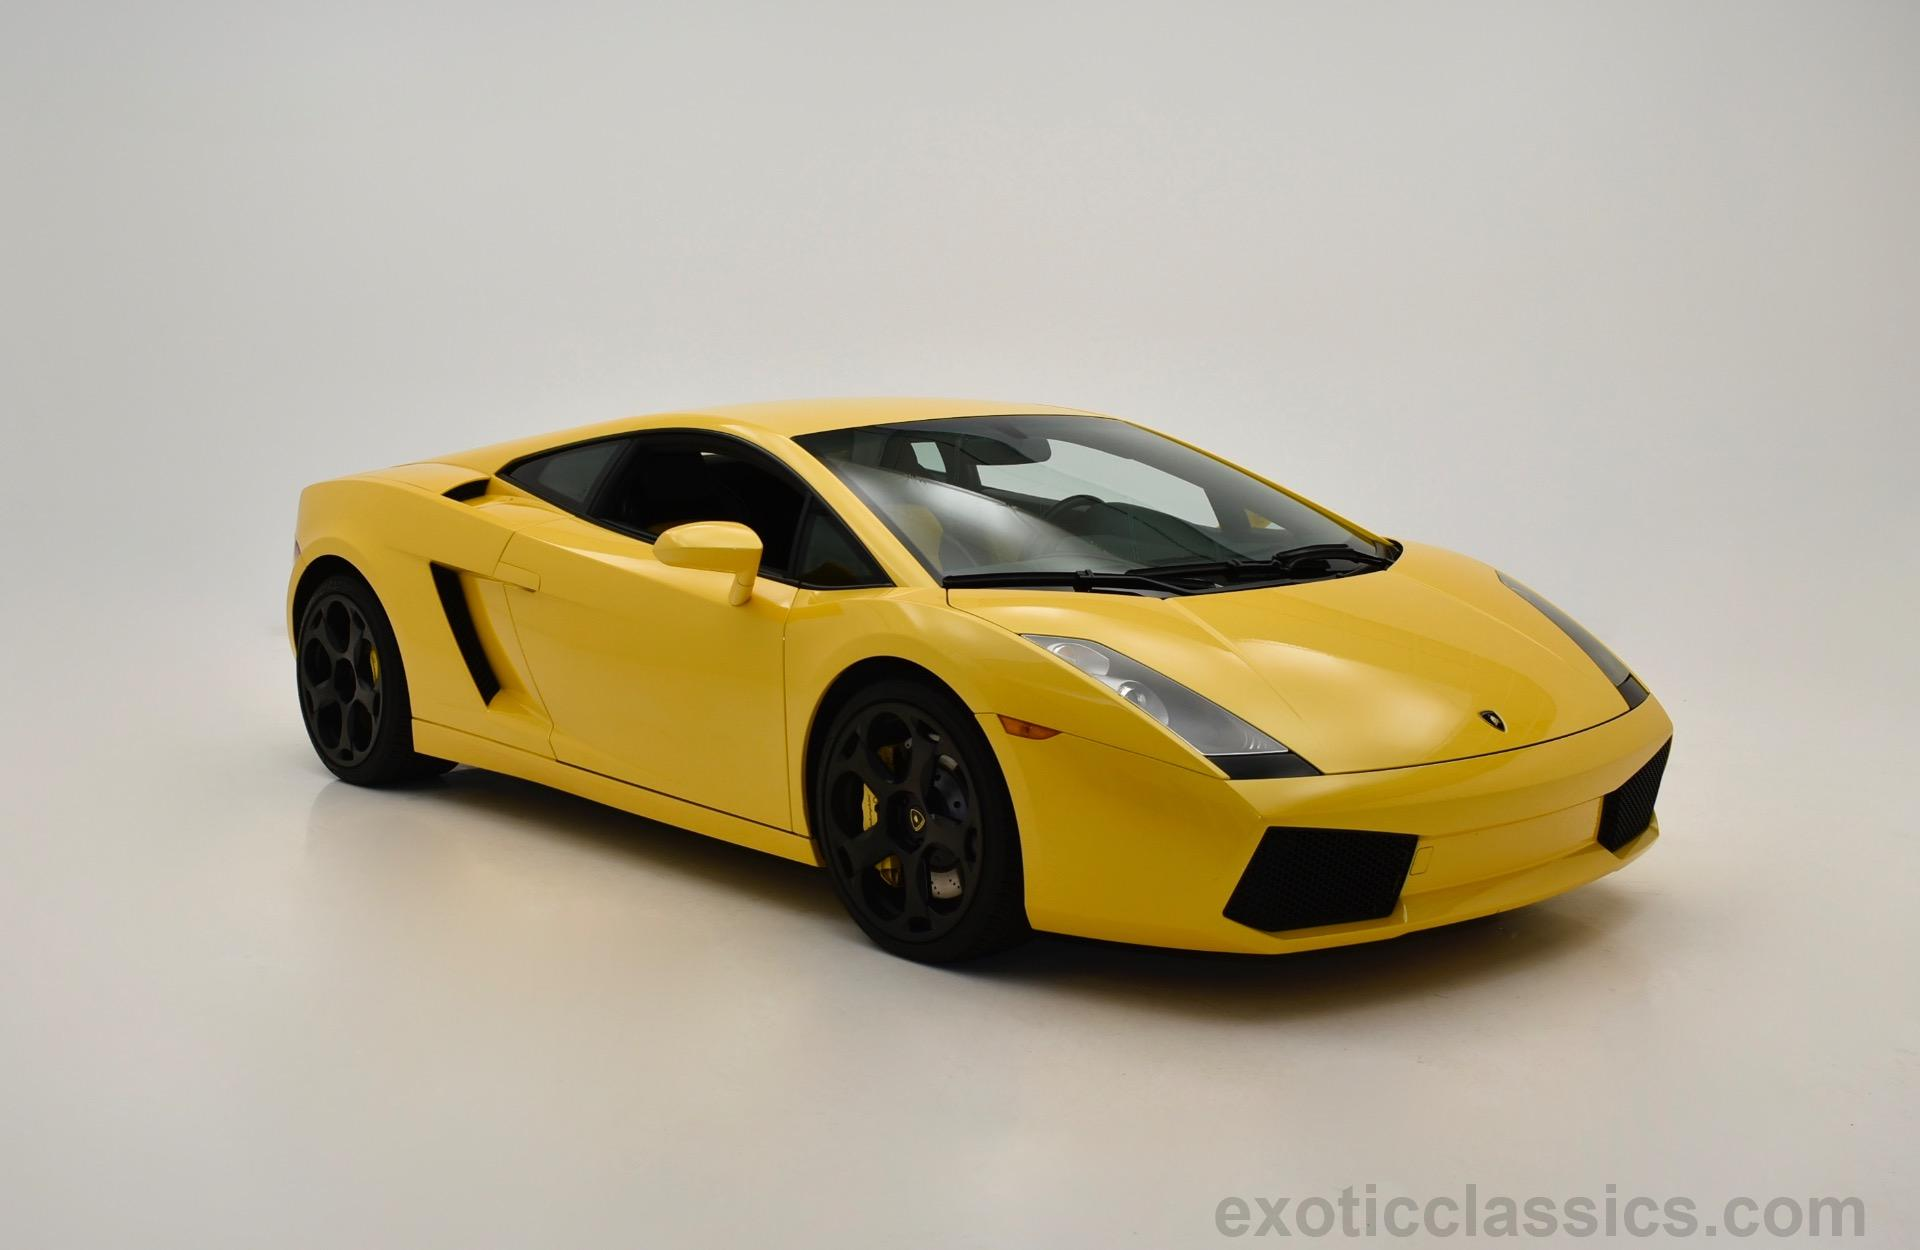 2005 lamborghini gallardo - exotic and classic car dealership